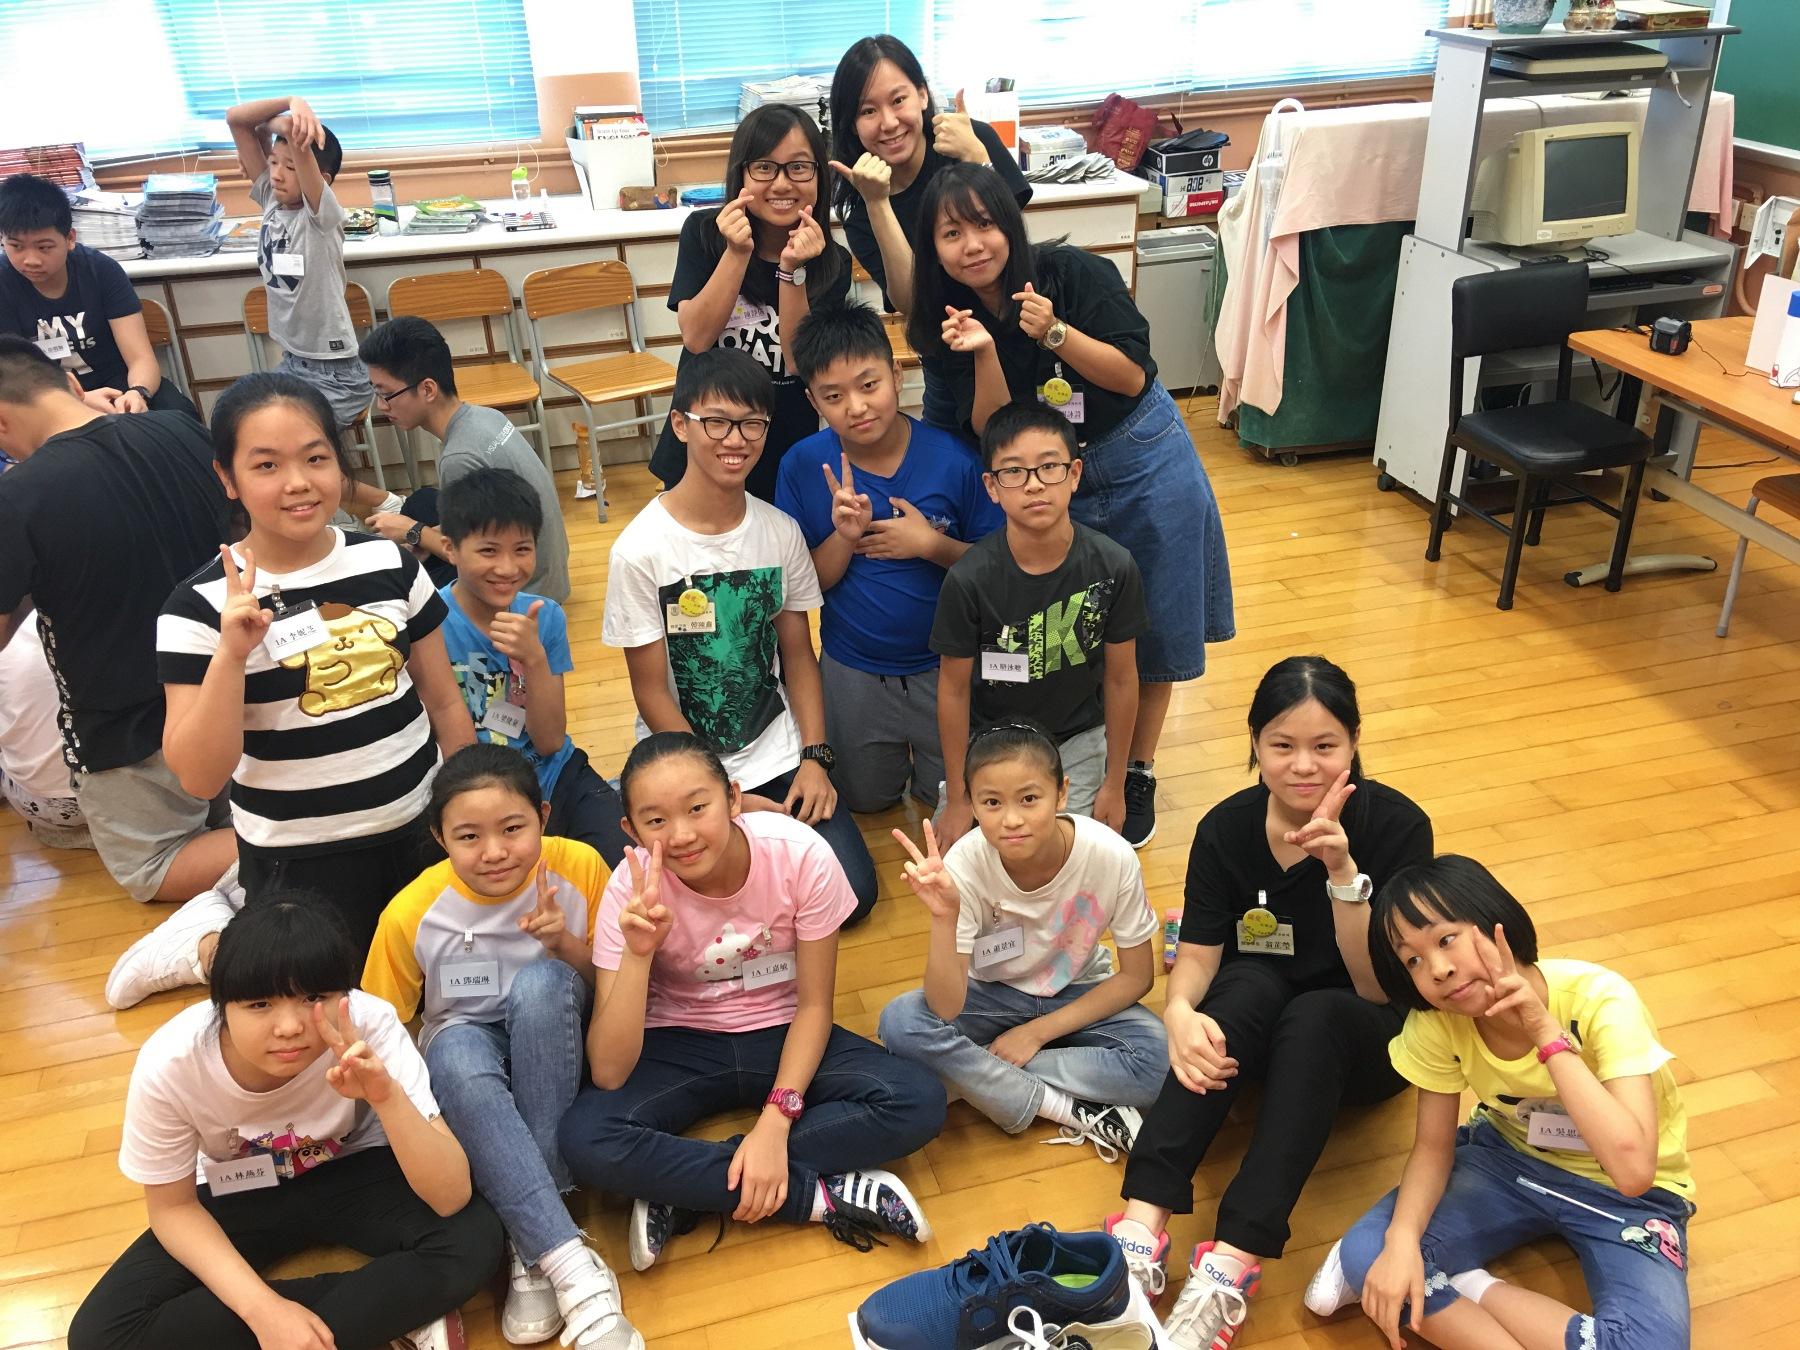 http://www.npc.edu.hk/sites/default/files/1a_hu_li_hu_mian_zhong_zhi_cheng_cheng_20170817_03.jpg